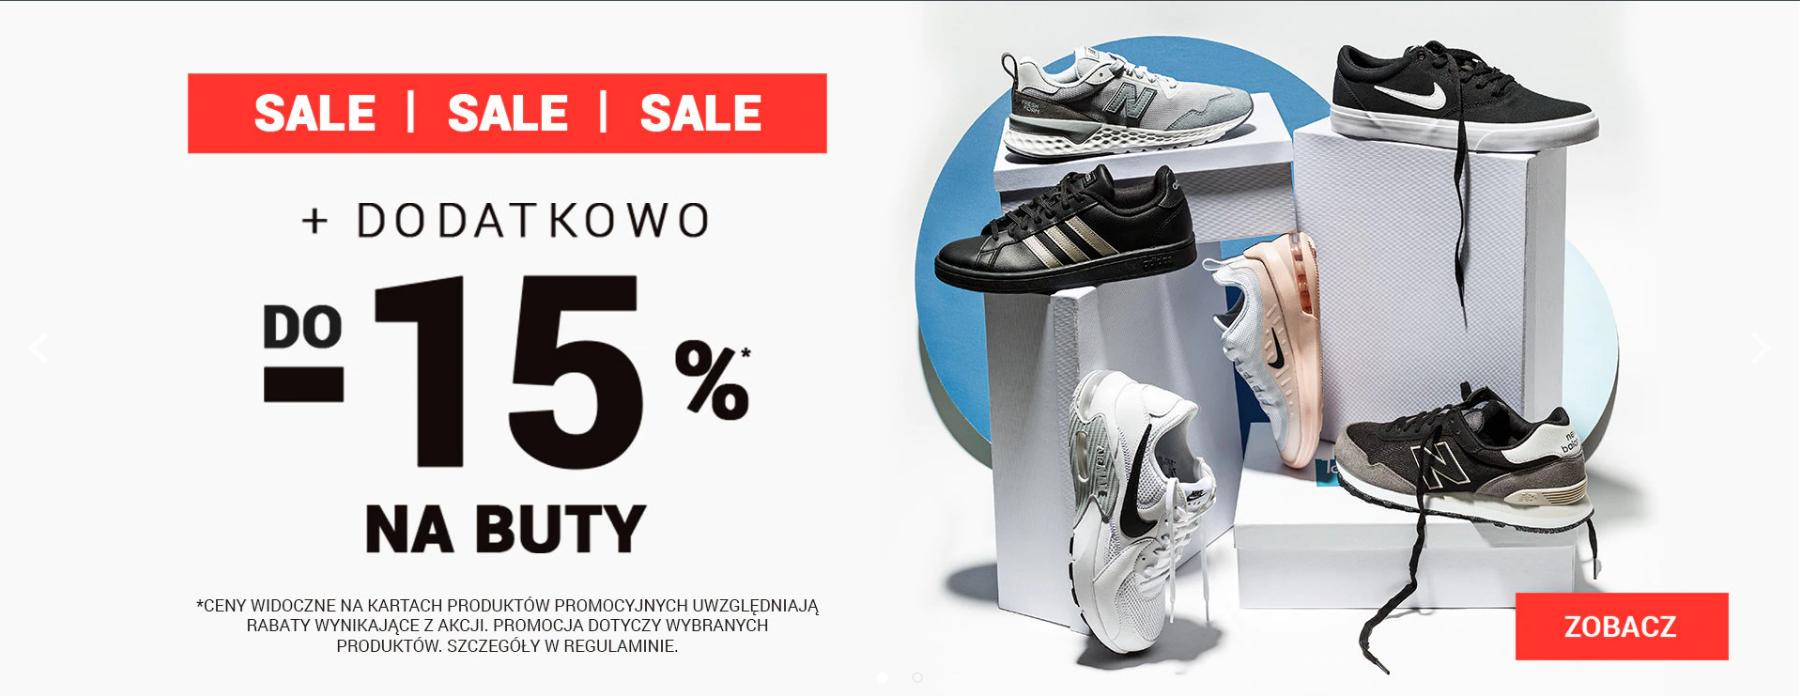 ButySportowe.pl ButySportowe.pl: dodatkowe 15% zniżki do wyprzedaży na buty sportowe